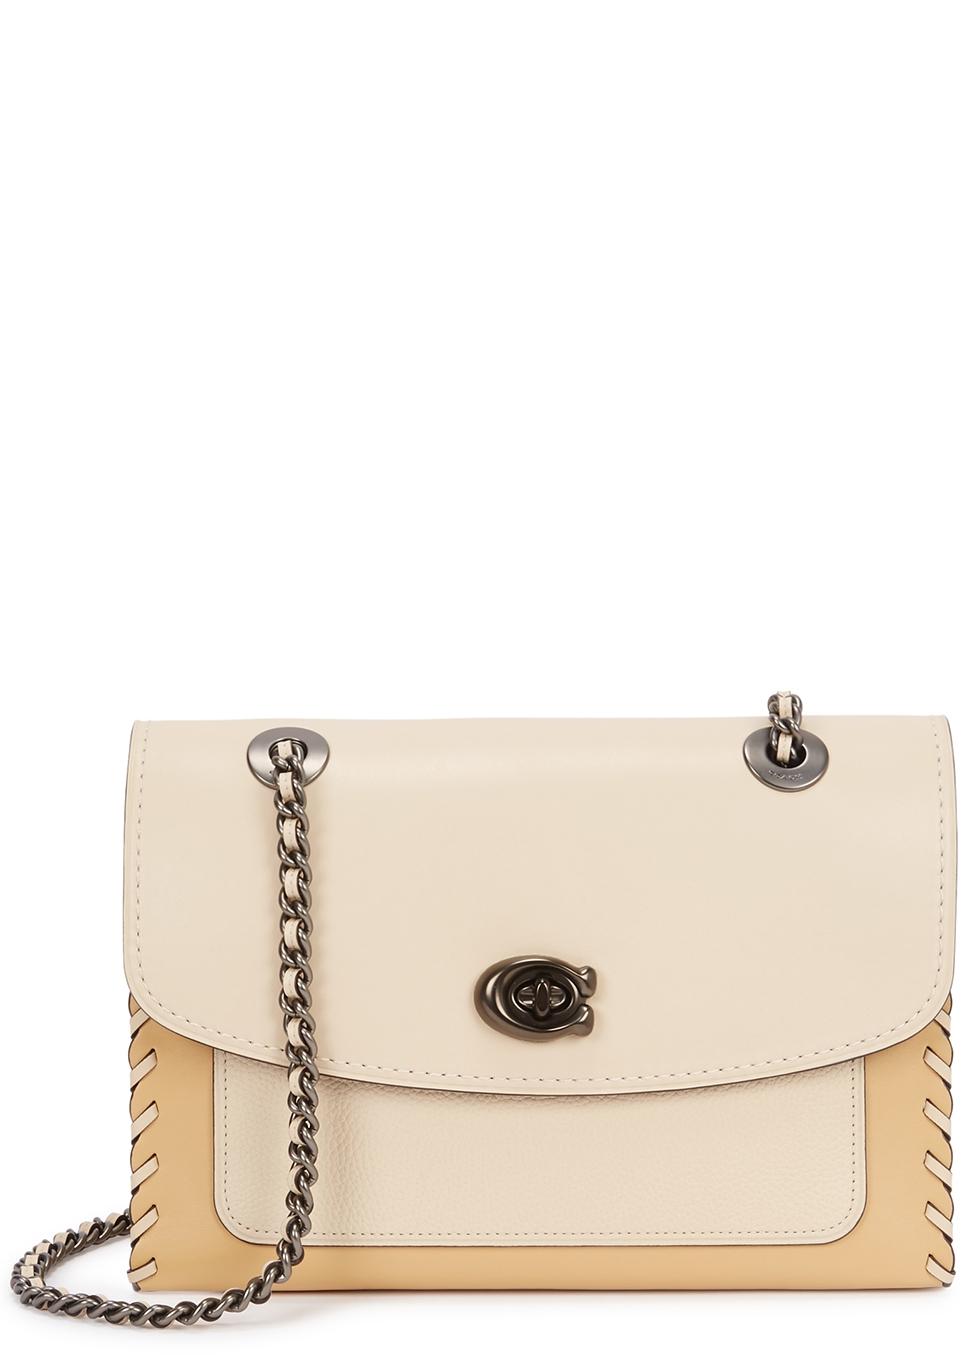 Parker ivory leather shoulder bag - Coach